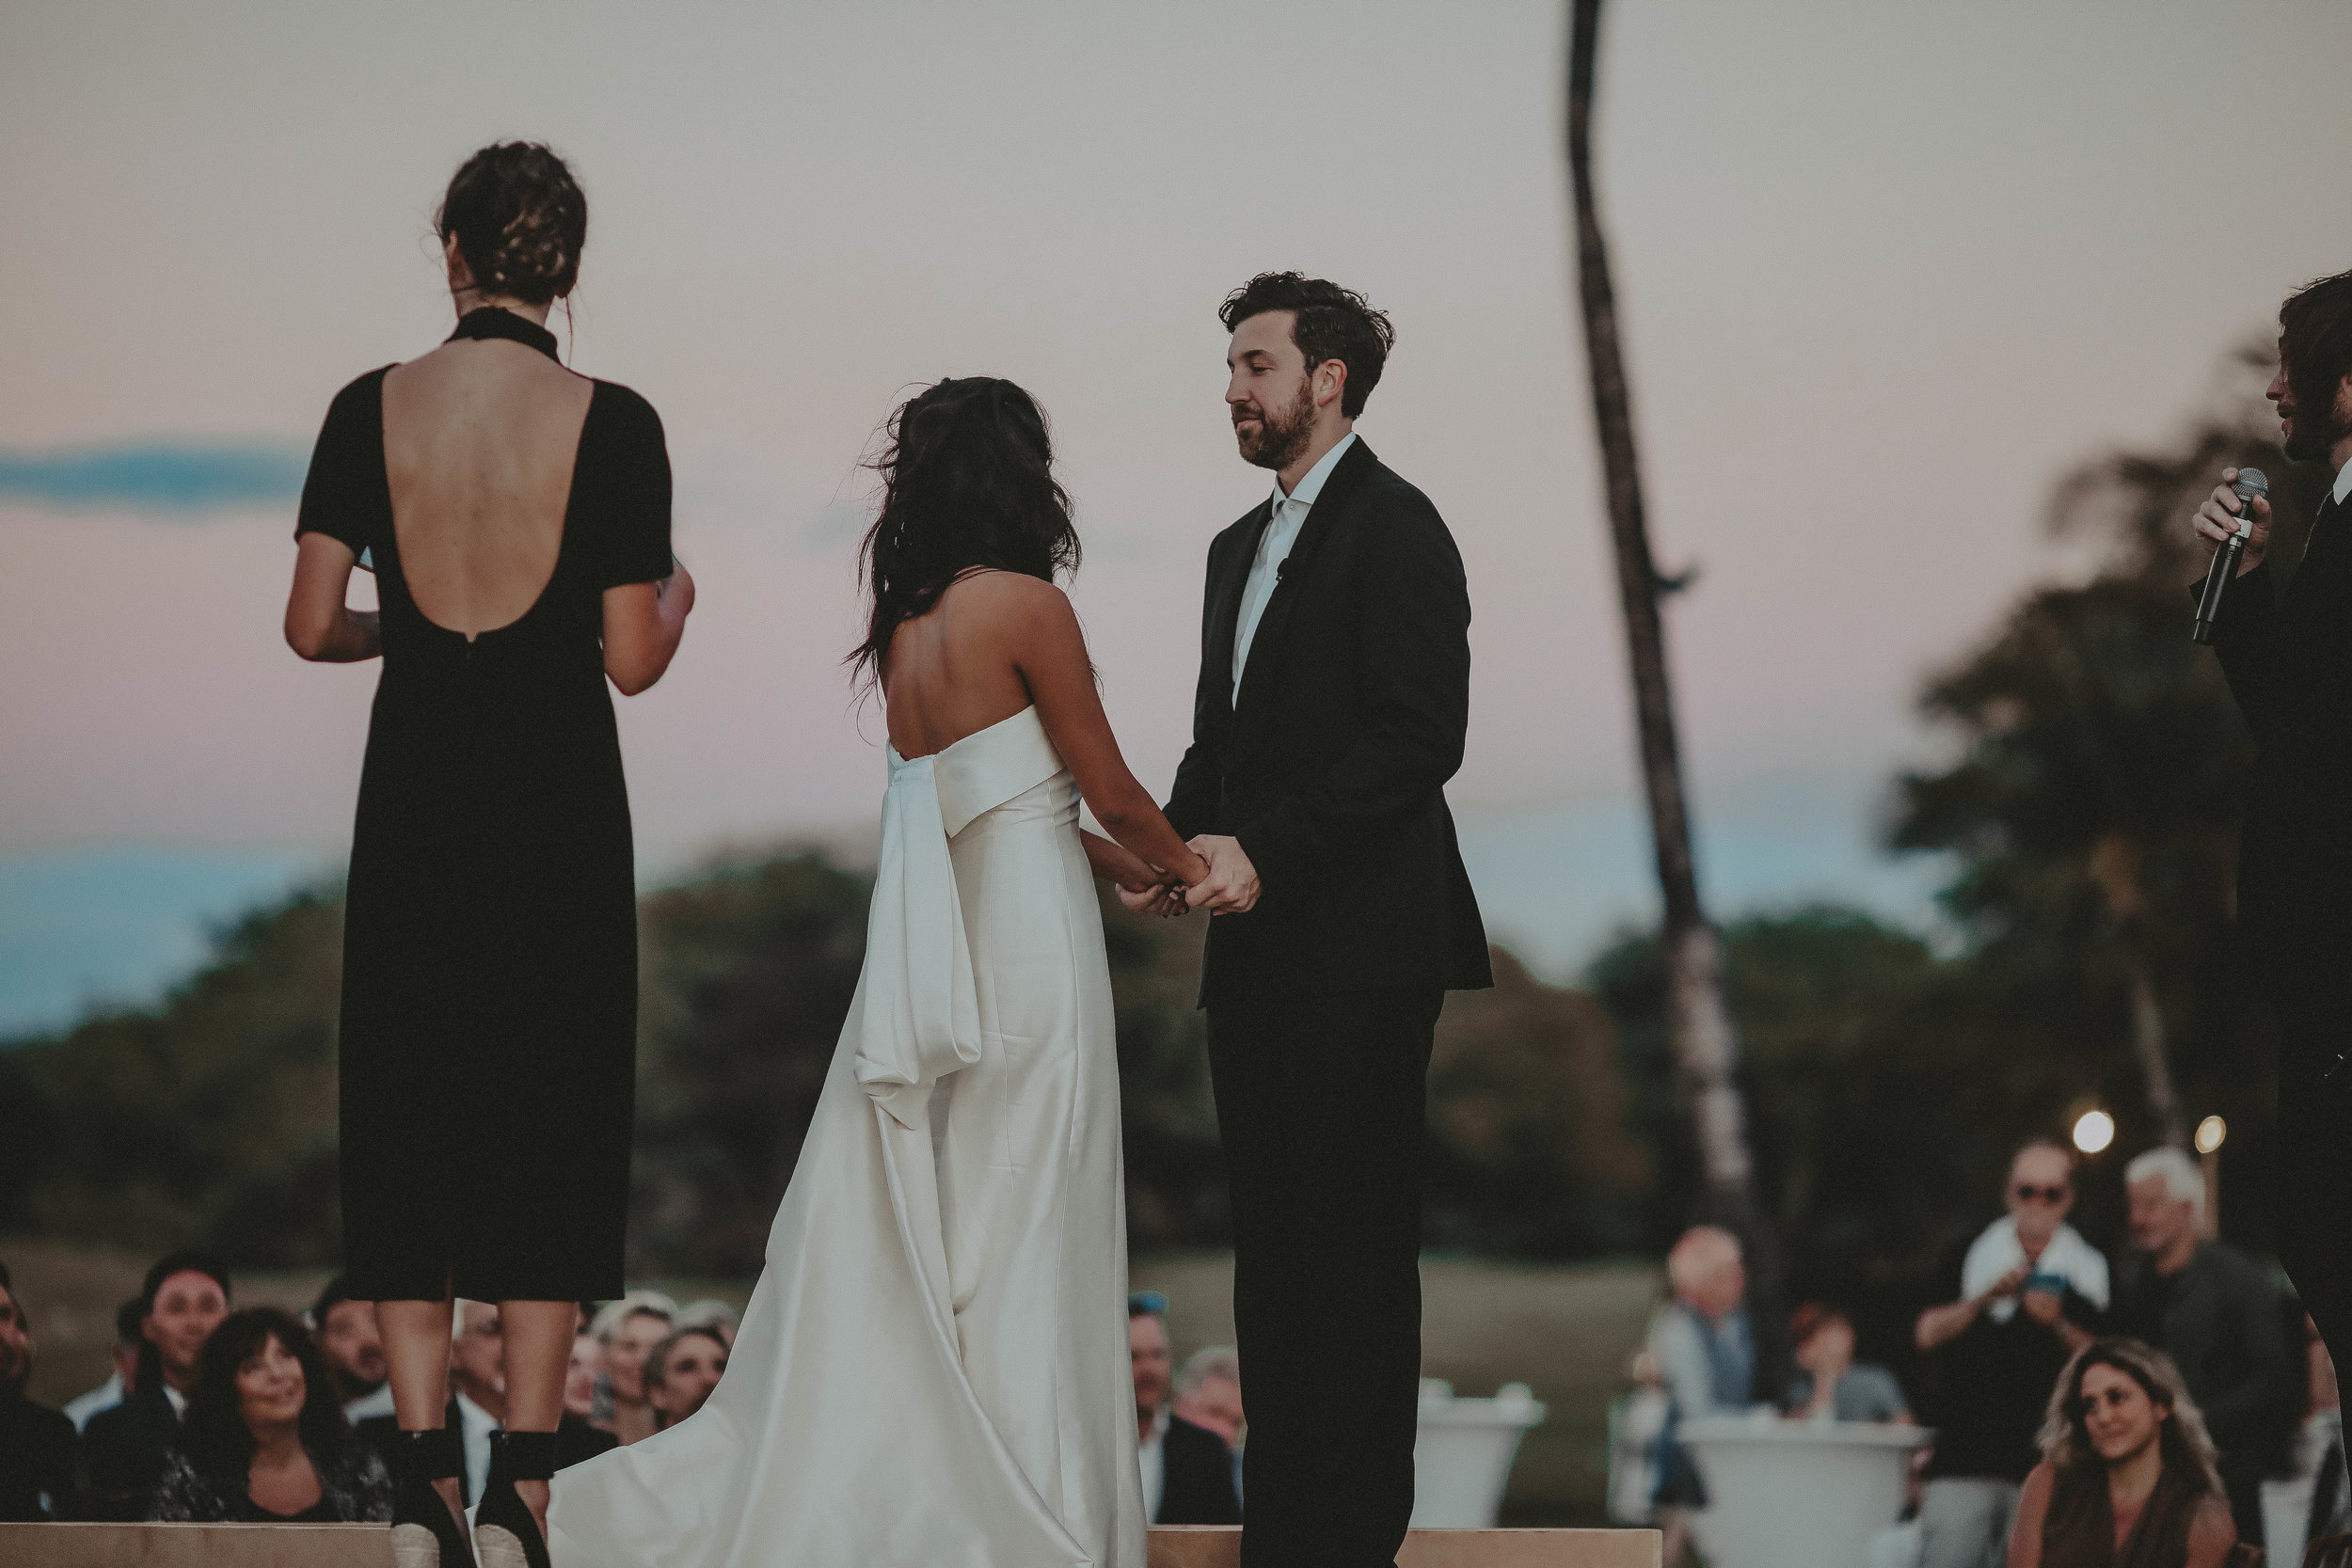 wedding20184M3A2317.jpg